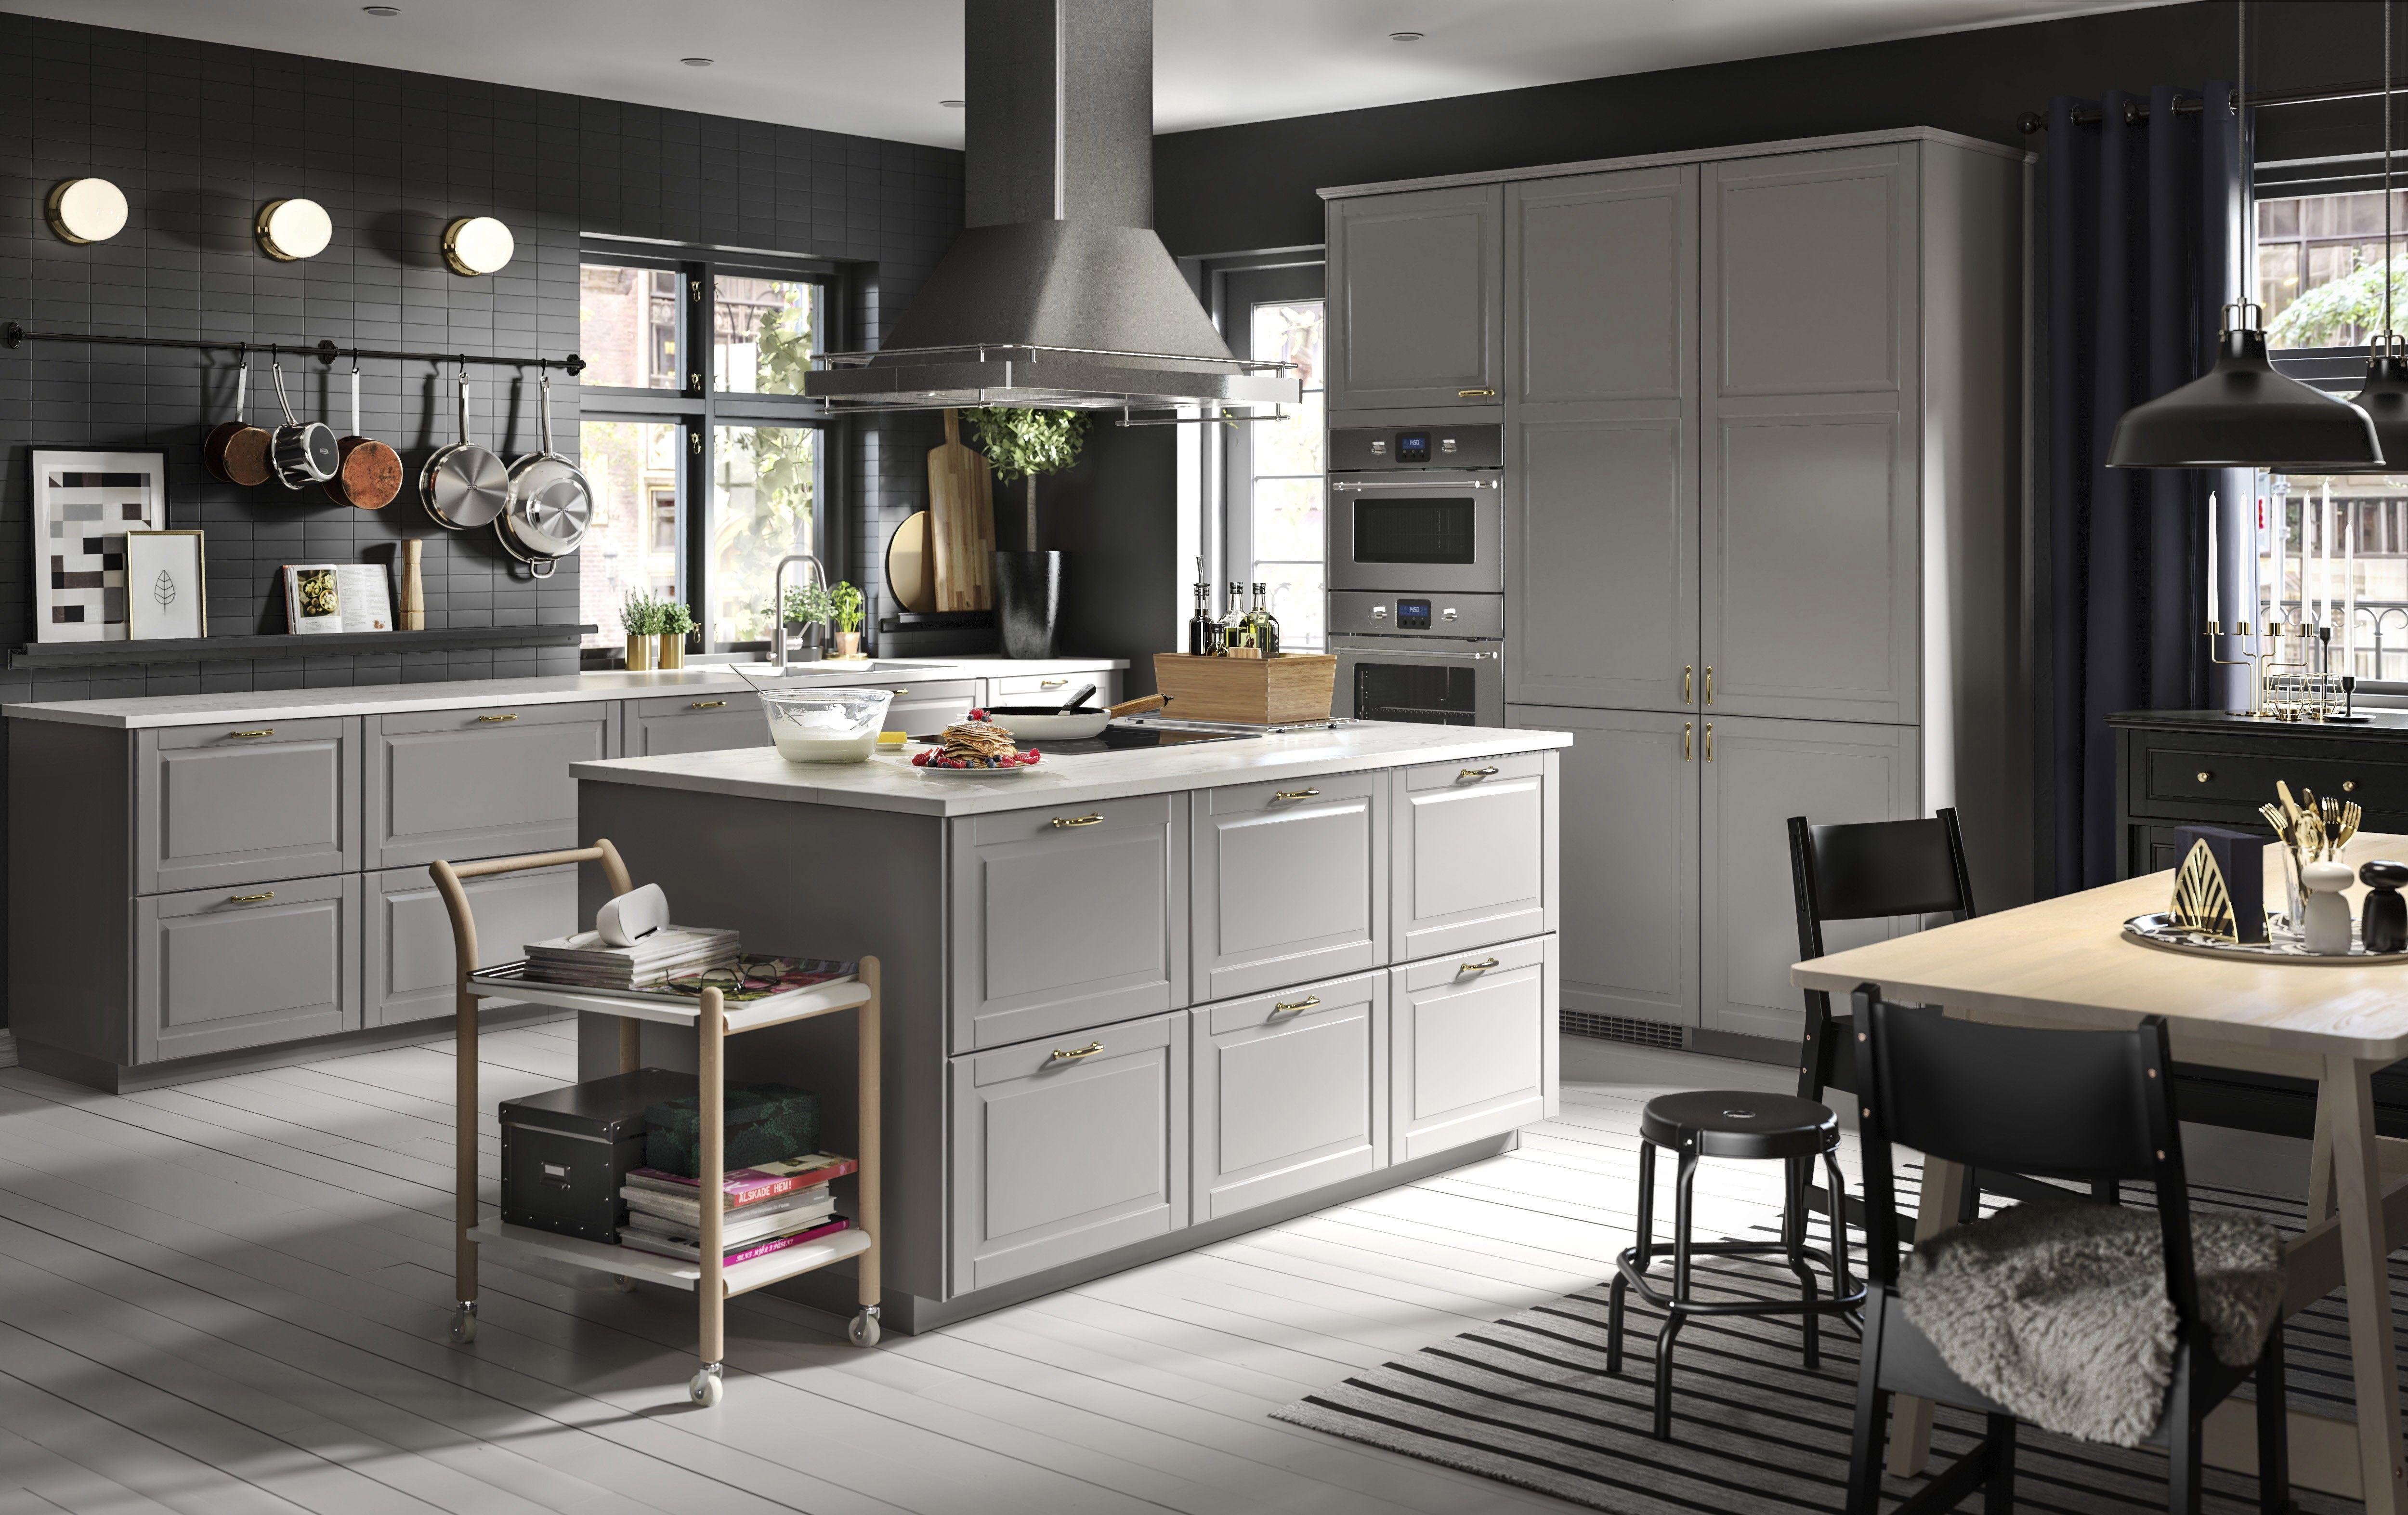 Bodbyn Front Voor Vaatwasser Grijs S Ikea Keuken Keuken Met